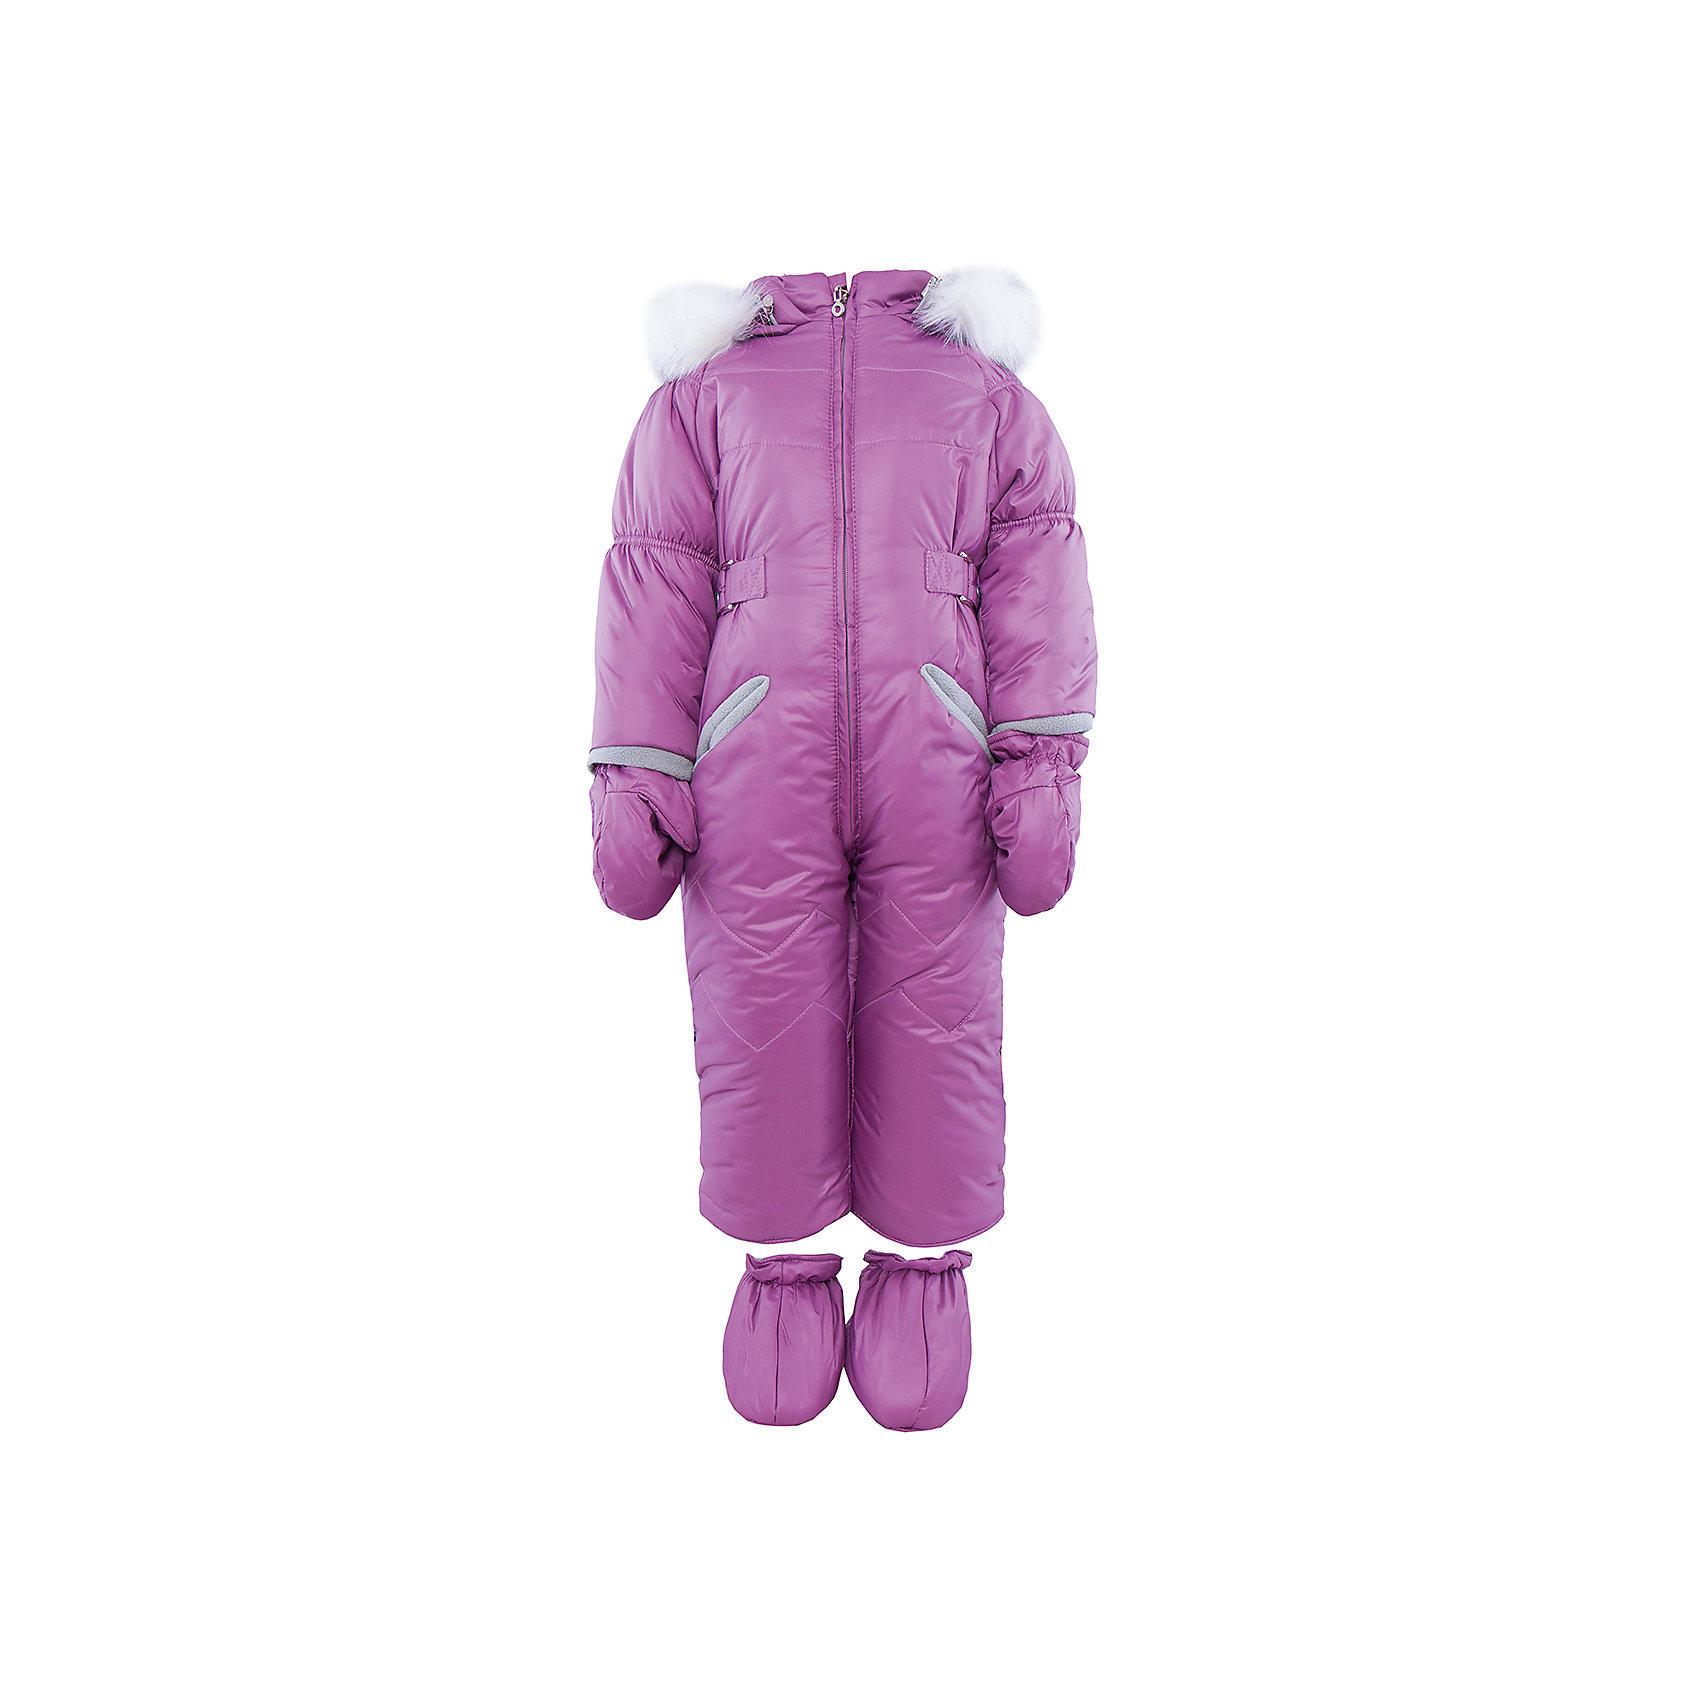 Комбинезон на овчине АртельВерхняя одежда<br>Комбинезон от известного бренда Артель<br>Модель этого теплого комбинезона комплектуется пинетками и варежками. Отворотные манжеты на рукавах и ножках позволяют регулировать длину. Подкладка комбинезона выполненая из вшитой овчины. На глубоком втачном капюшоне - съемный искусственный мех песца на кнопках. По линии талии объем изделия регулируется хлястиком.<br>Состав:<br>Верх: YSD 819<br>Подкладка: овчина<br>Утеплитель: термофайбер 200гр<br><br>Ширина мм: 356<br>Глубина мм: 10<br>Высота мм: 245<br>Вес г: 519<br>Цвет: розовый<br>Возраст от месяцев: 3<br>Возраст до месяцев: 6<br>Пол: Женский<br>Возраст: Детский<br>Размер: 68,74,80,86<br>SKU: 4963511